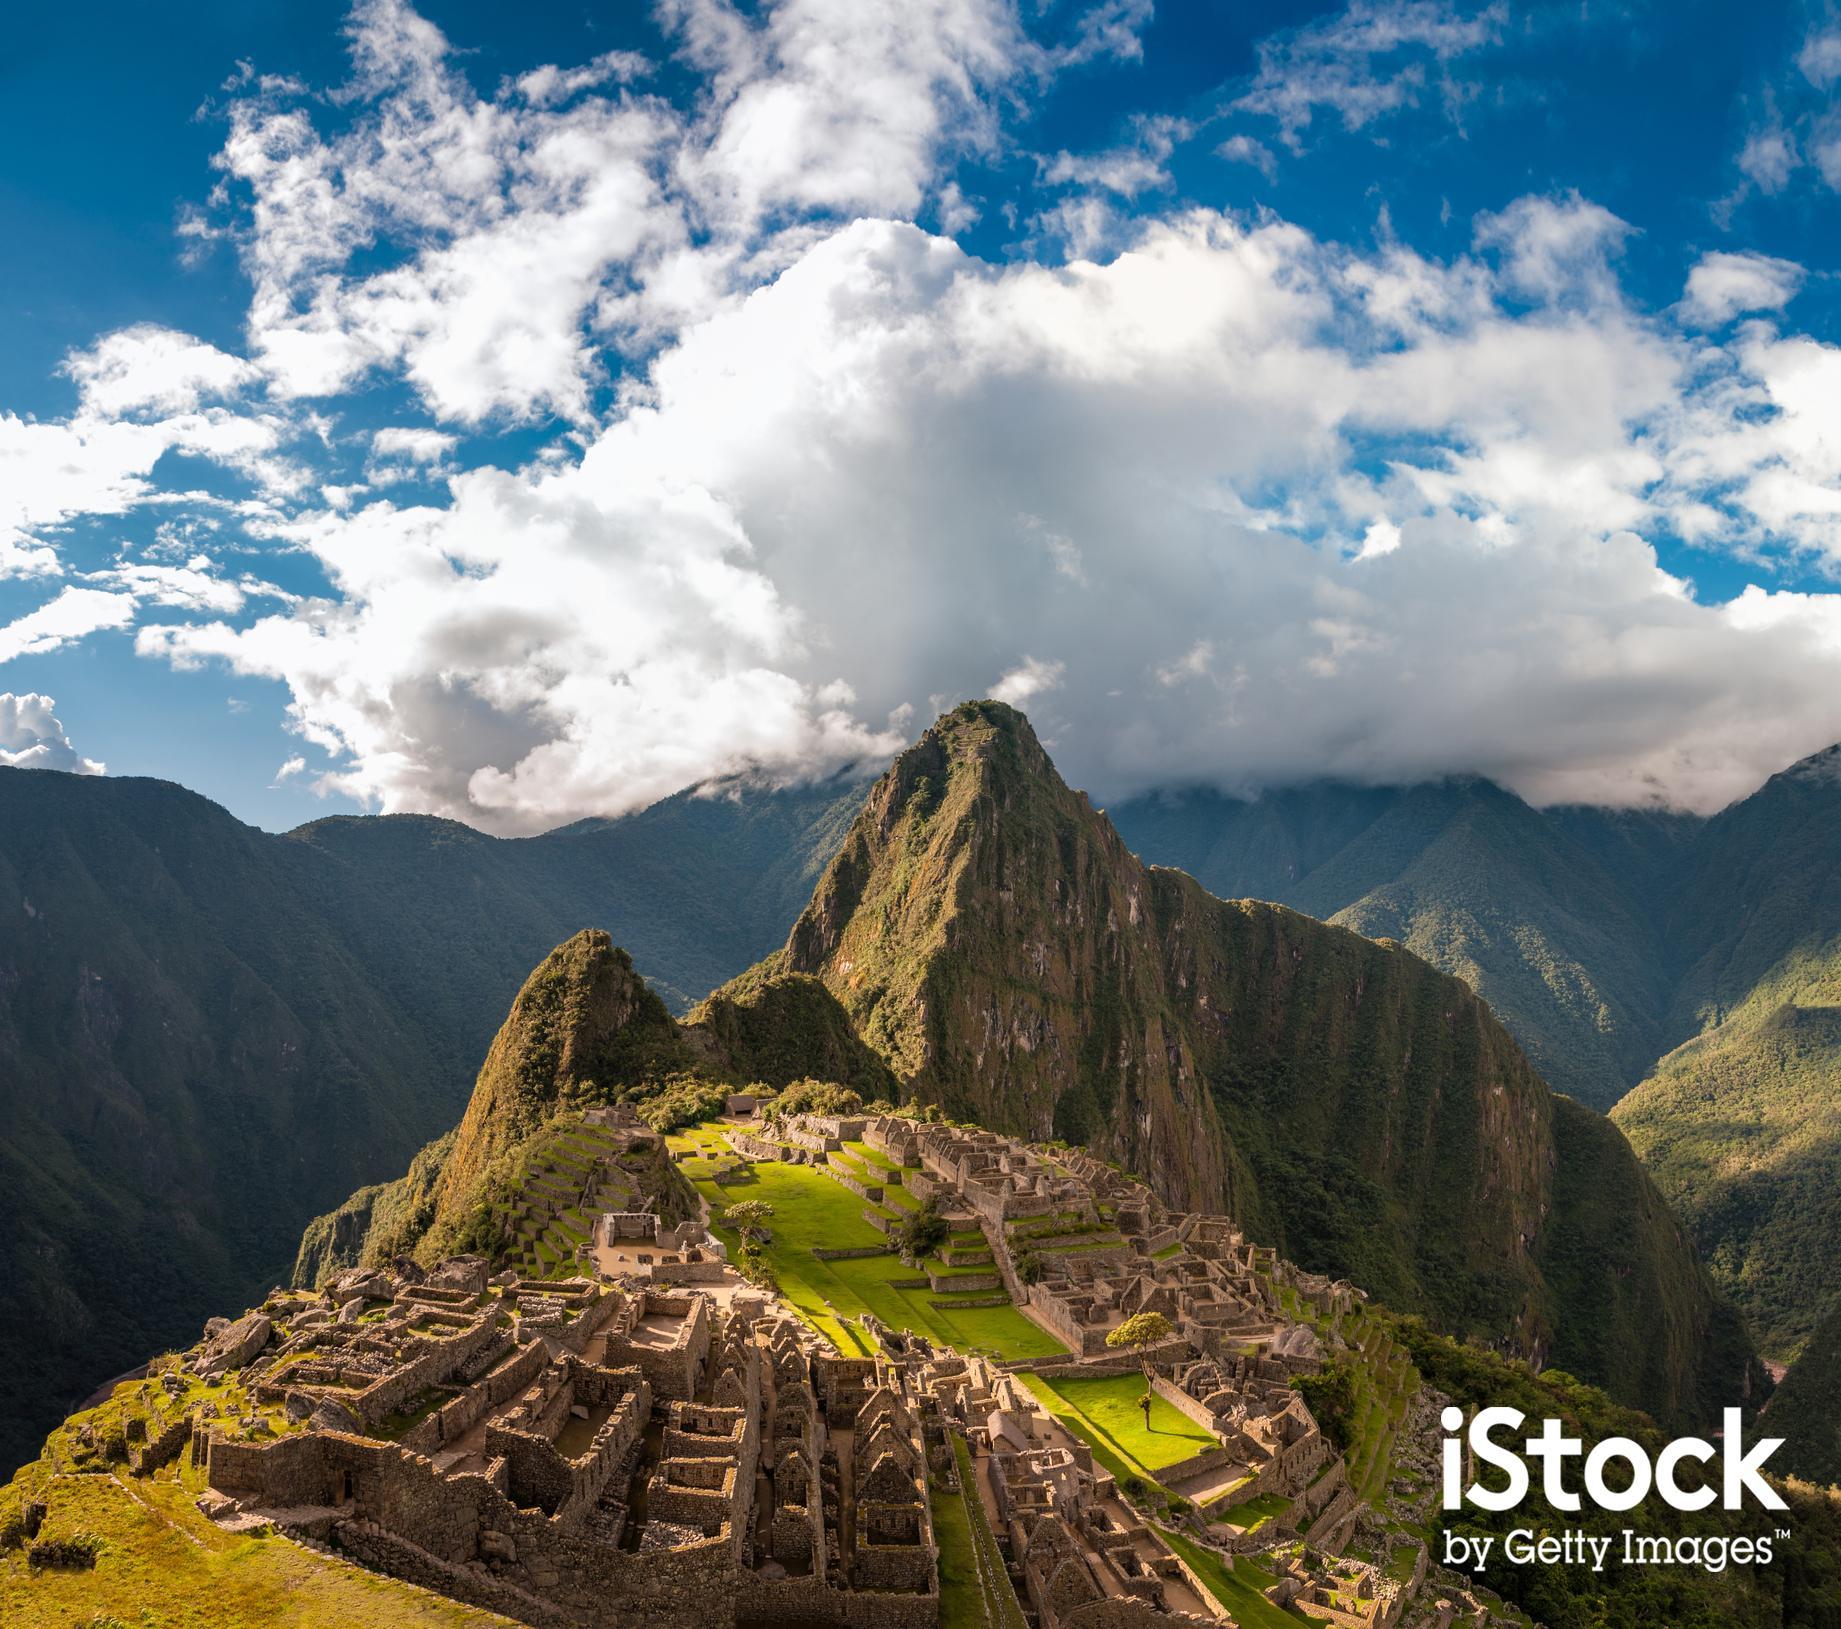 Dramatic view of Macchu Picchu